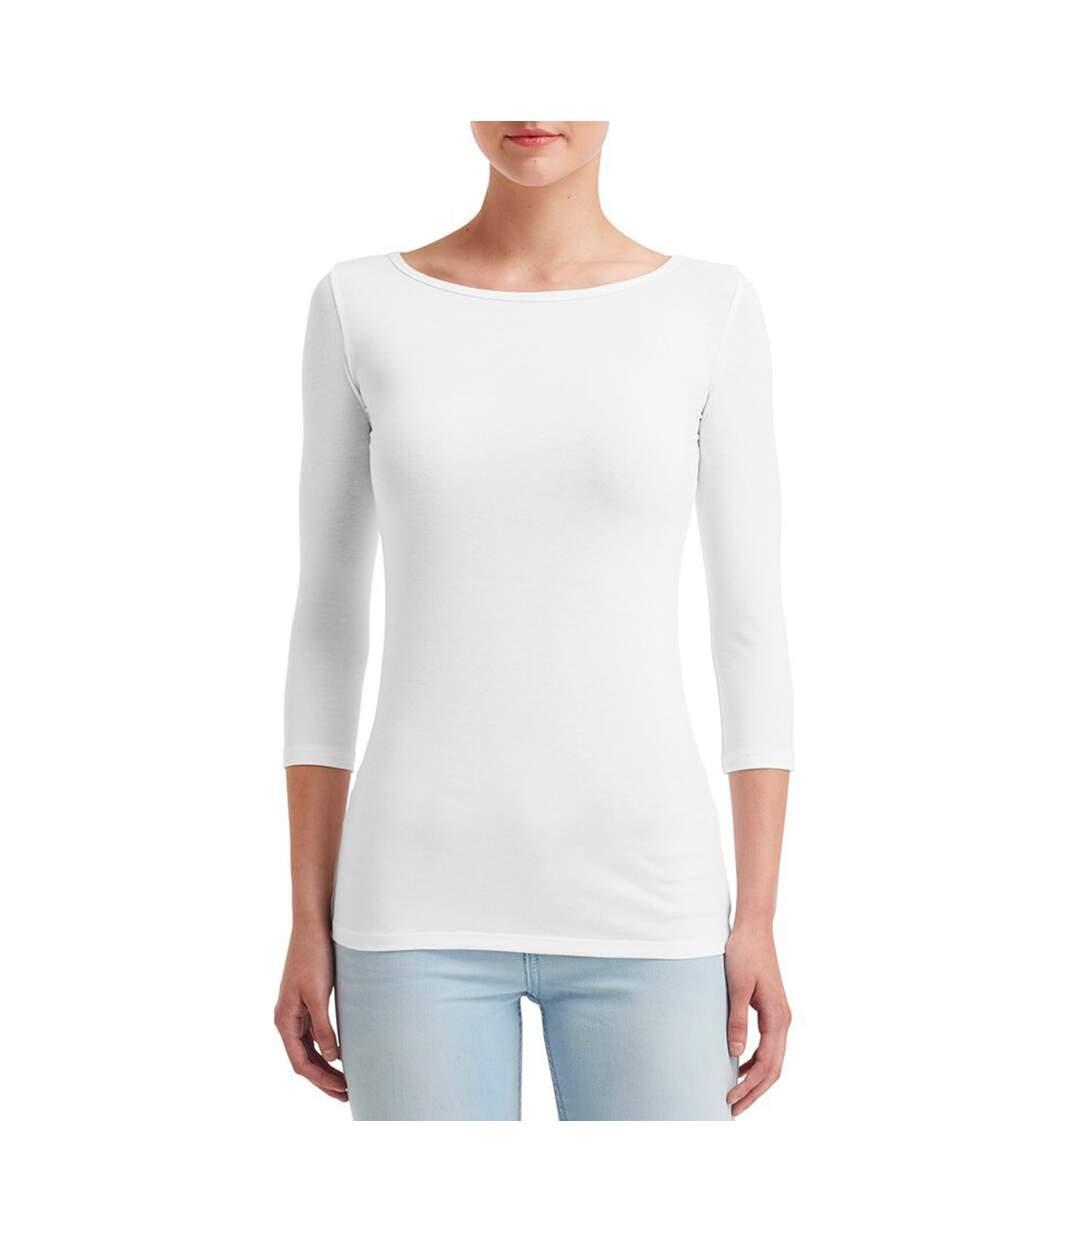 Anvil - T-Shirt À Manches 3/4 - Femme (Blanc) - UTBC4054